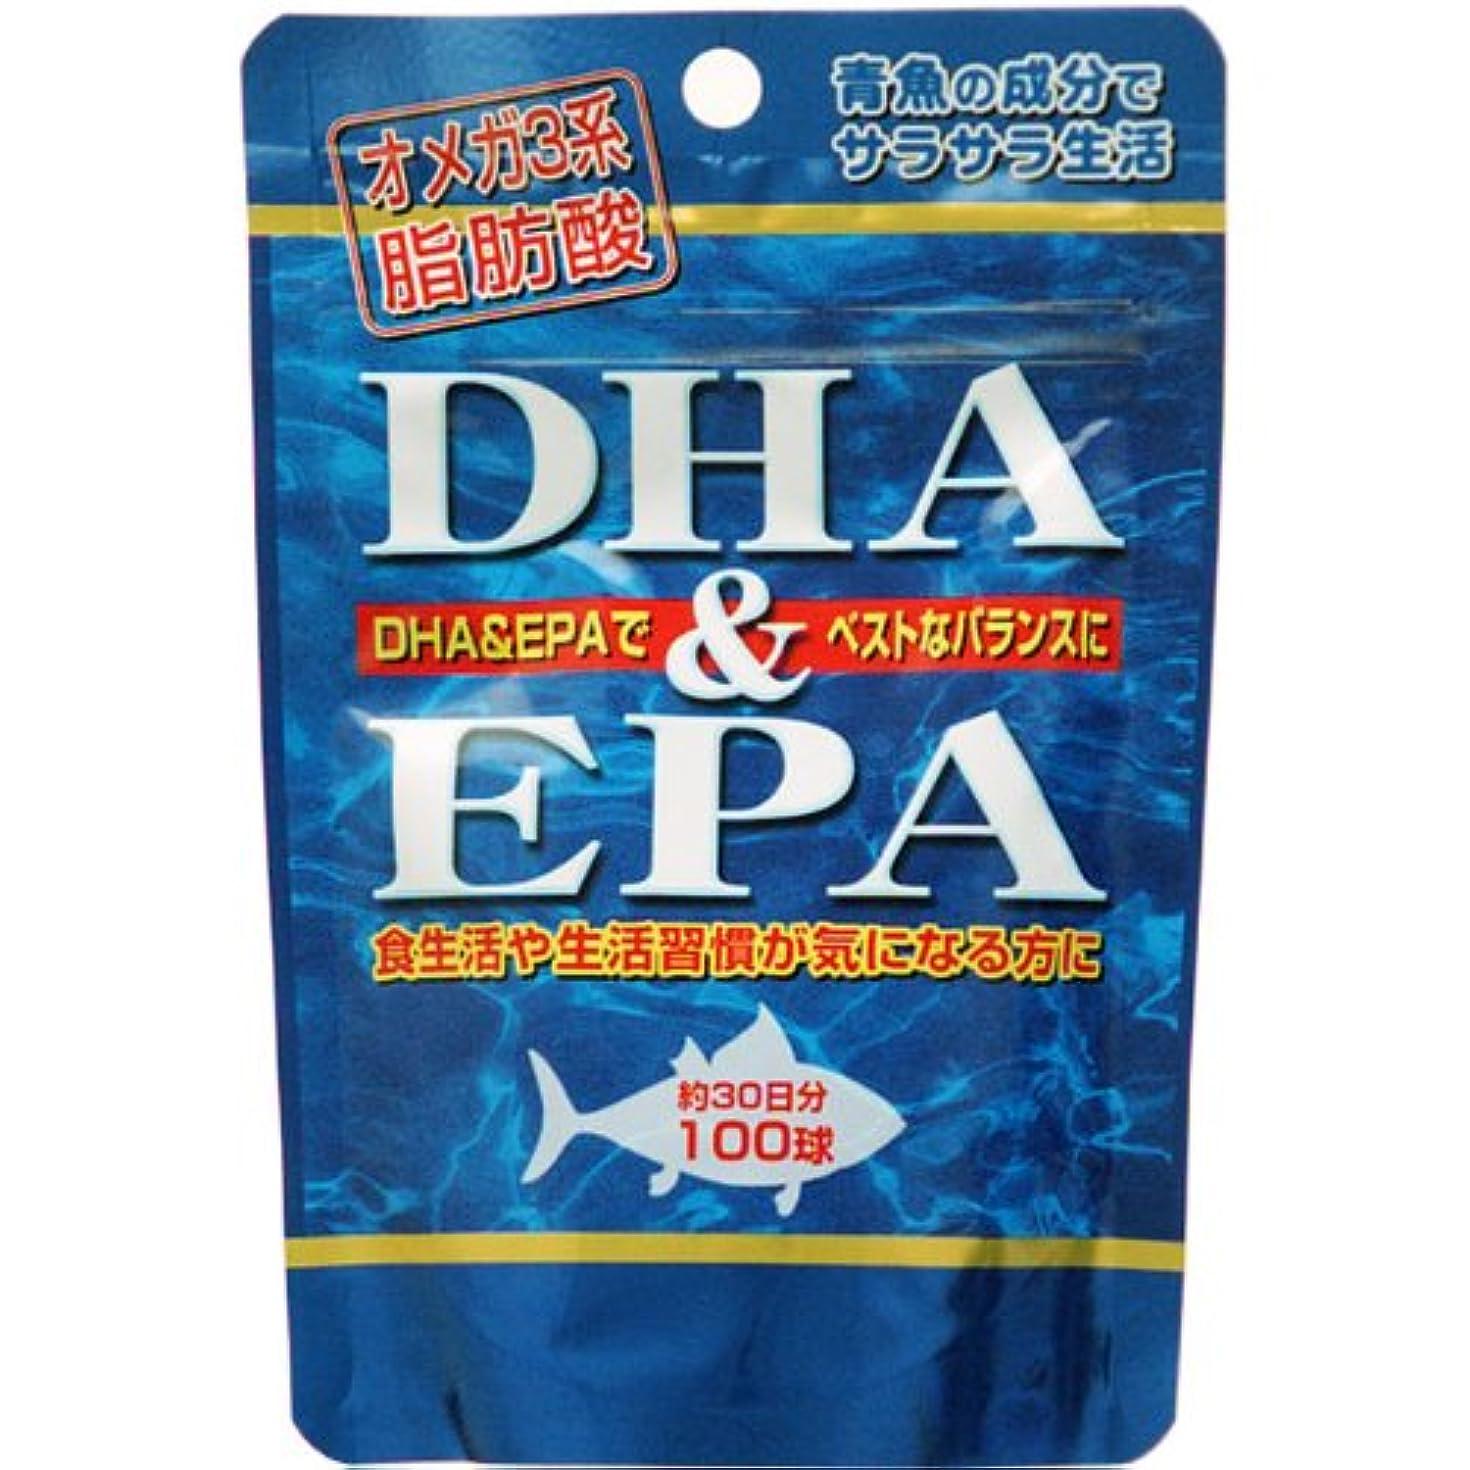 複雑オート兵士DHA(ドコサヘキサエン酸)&EPA(エイコサペンタエン酸)×6